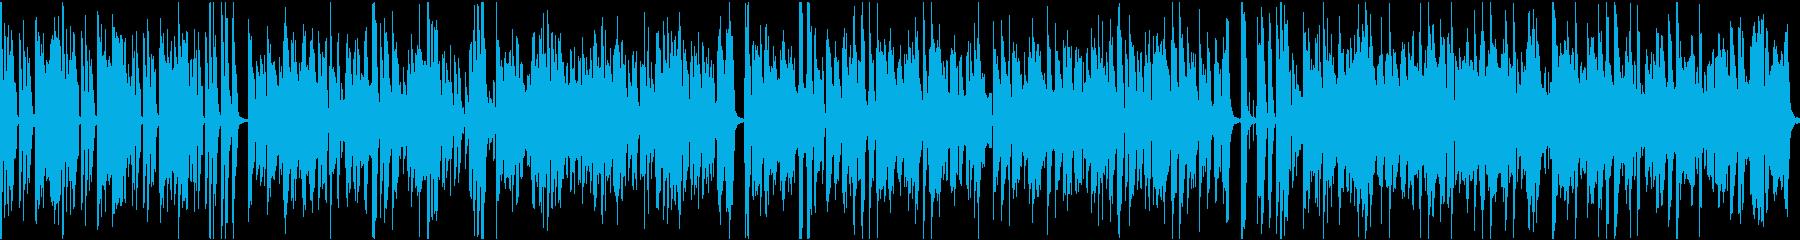 おしゃれイケイケ/静かめ/ループの再生済みの波形